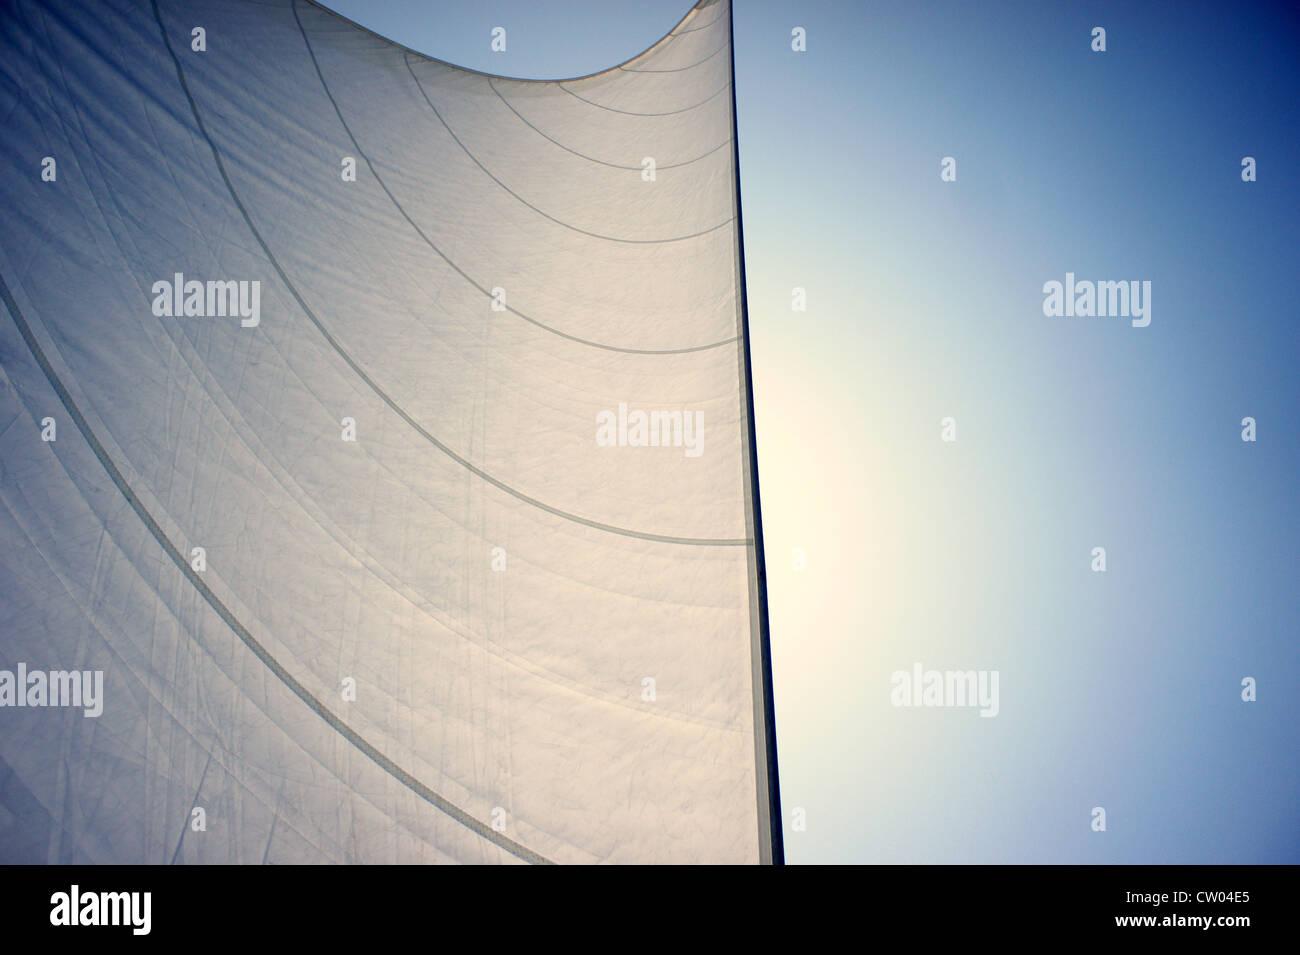 Detalle de quemar las velas de un velero, haciendo su camino bajo el sol, en el Mar Jónico. Imagen De Stock